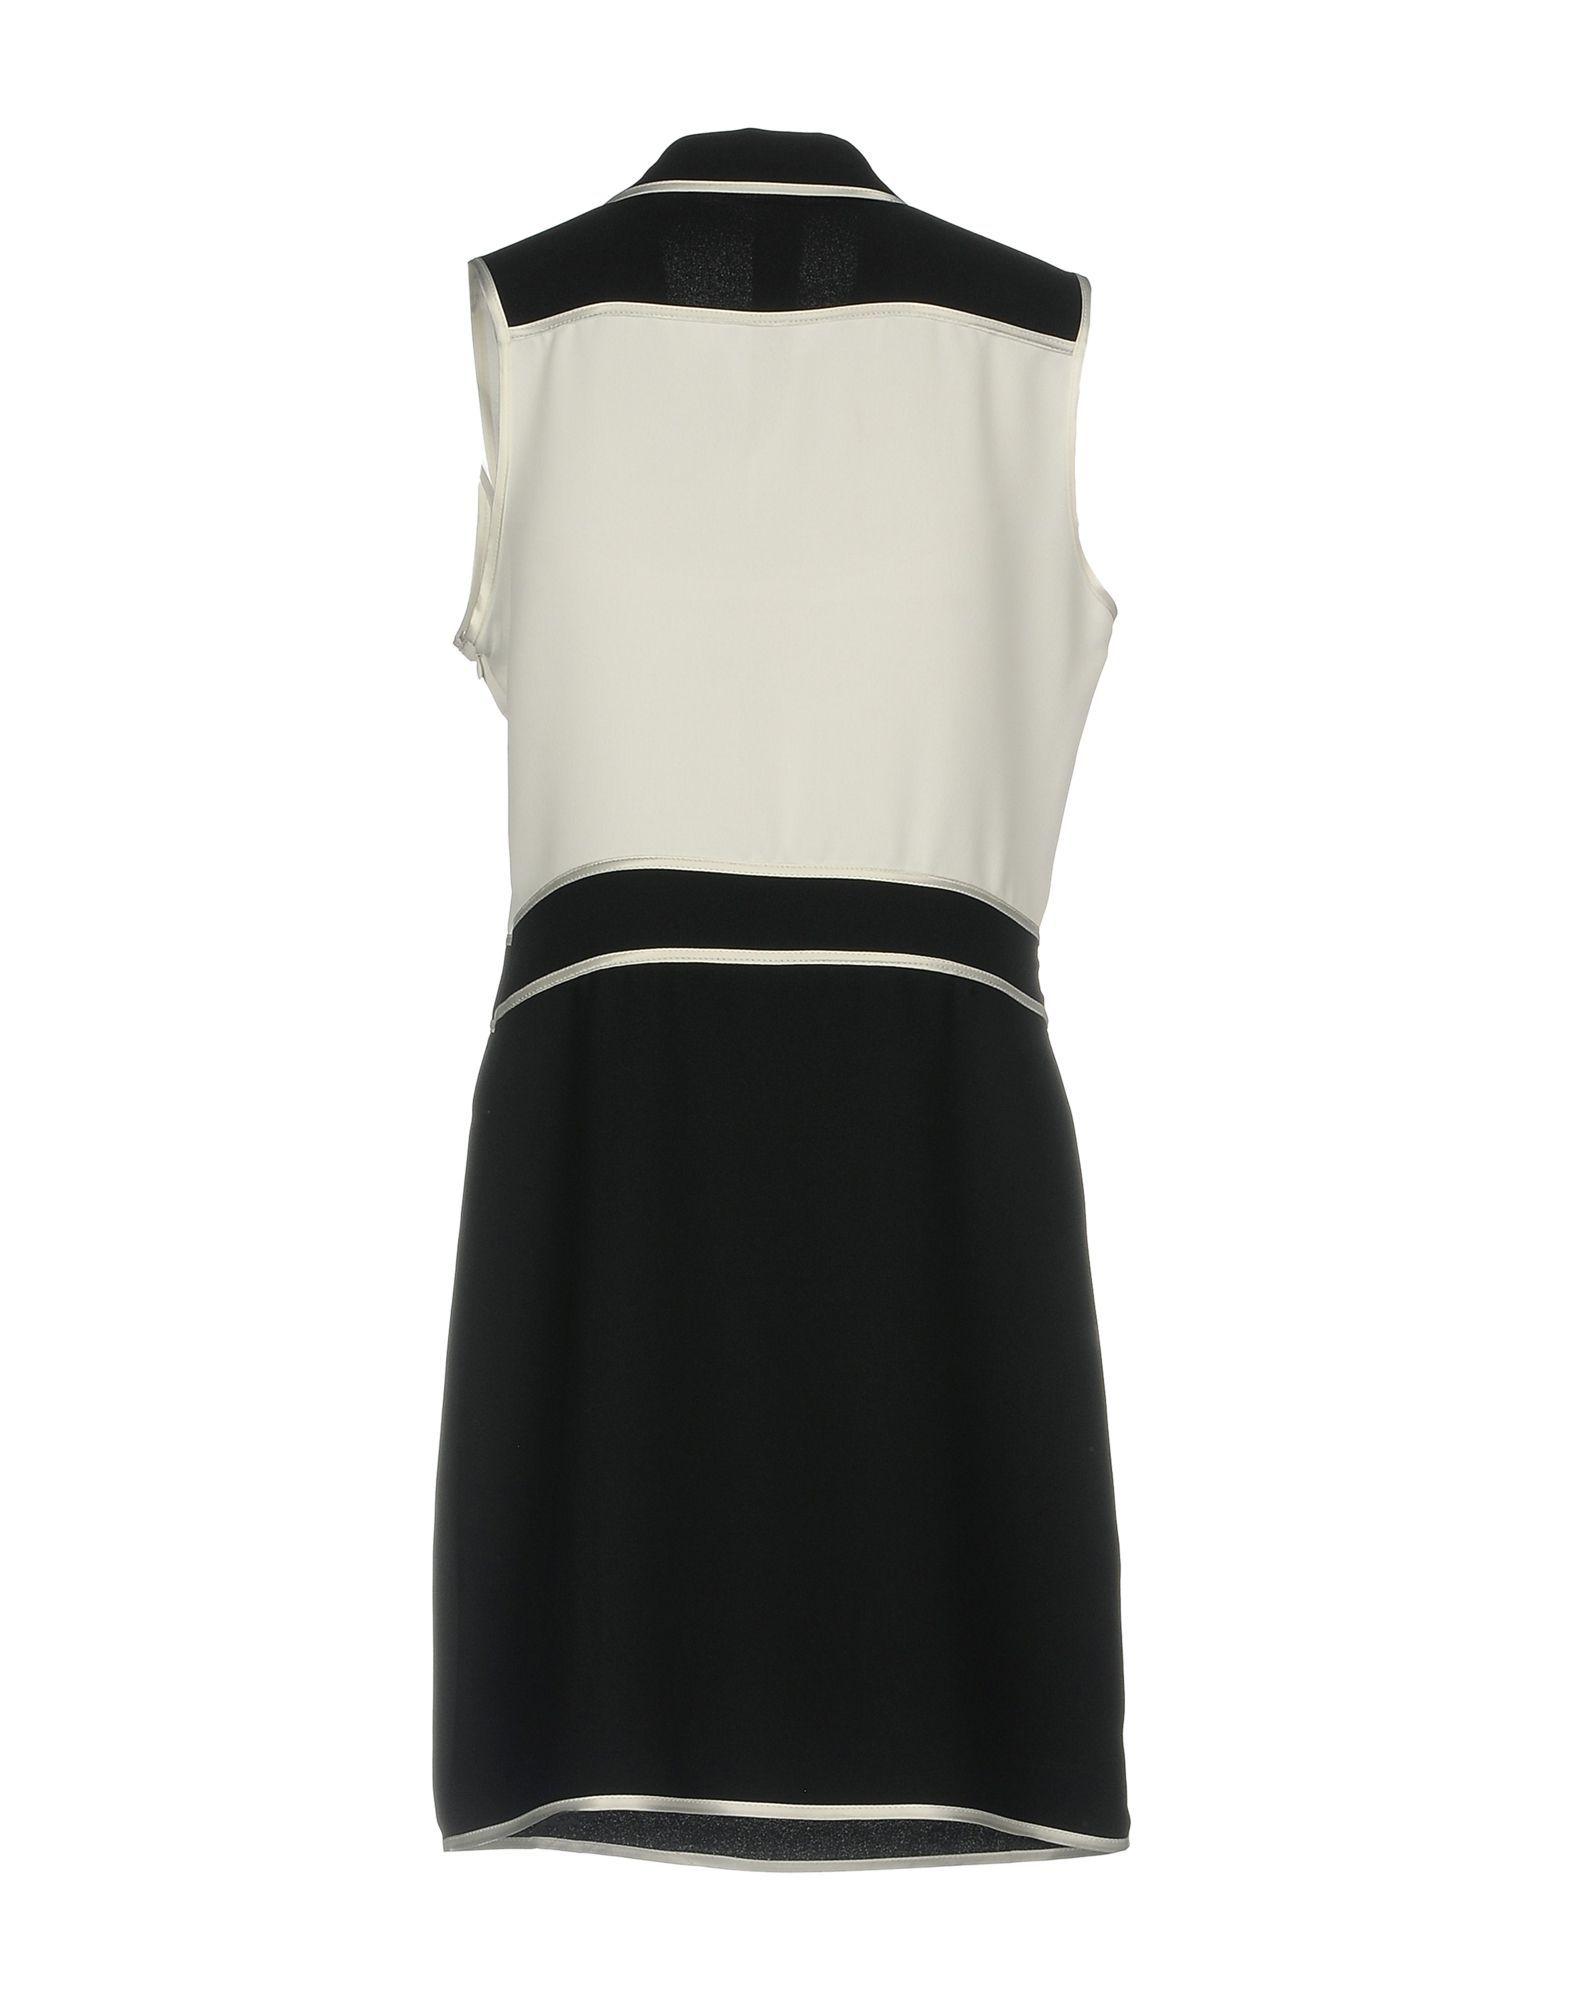 Dress Revise White Women's Polyester